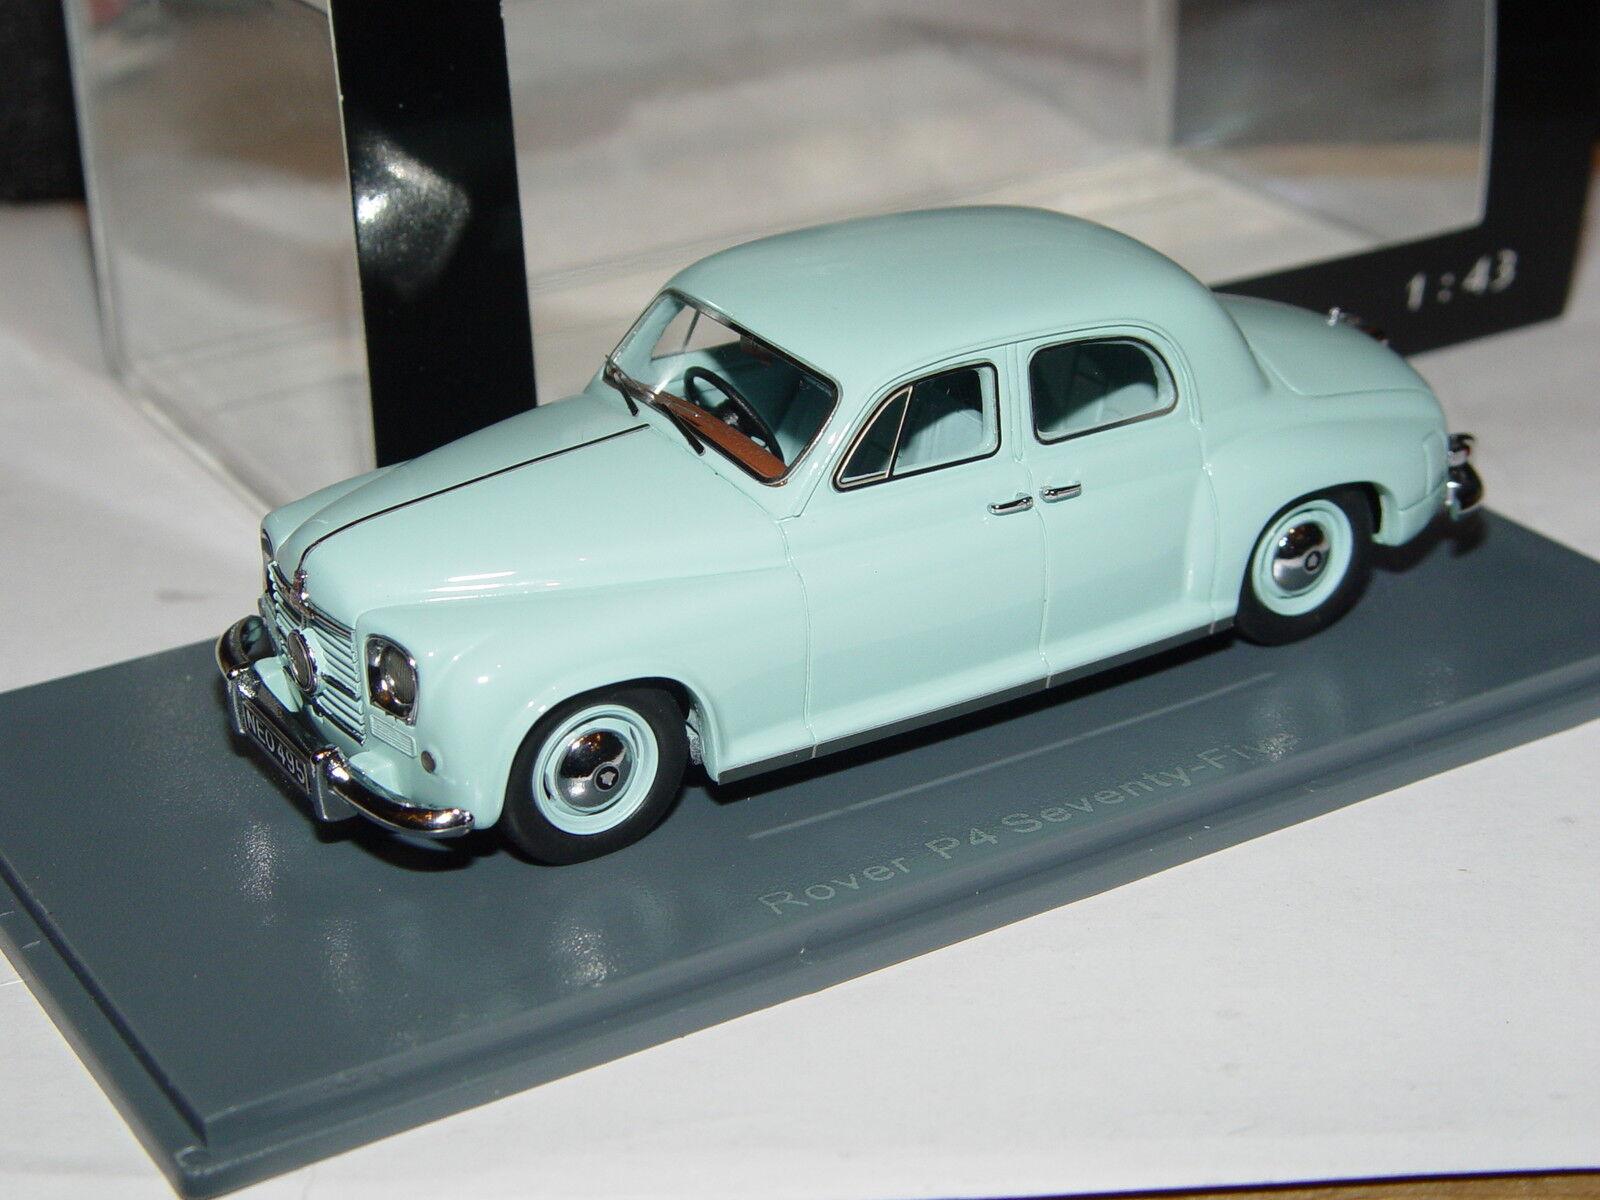 ROVER P4 75 année 1949 - Neo Model